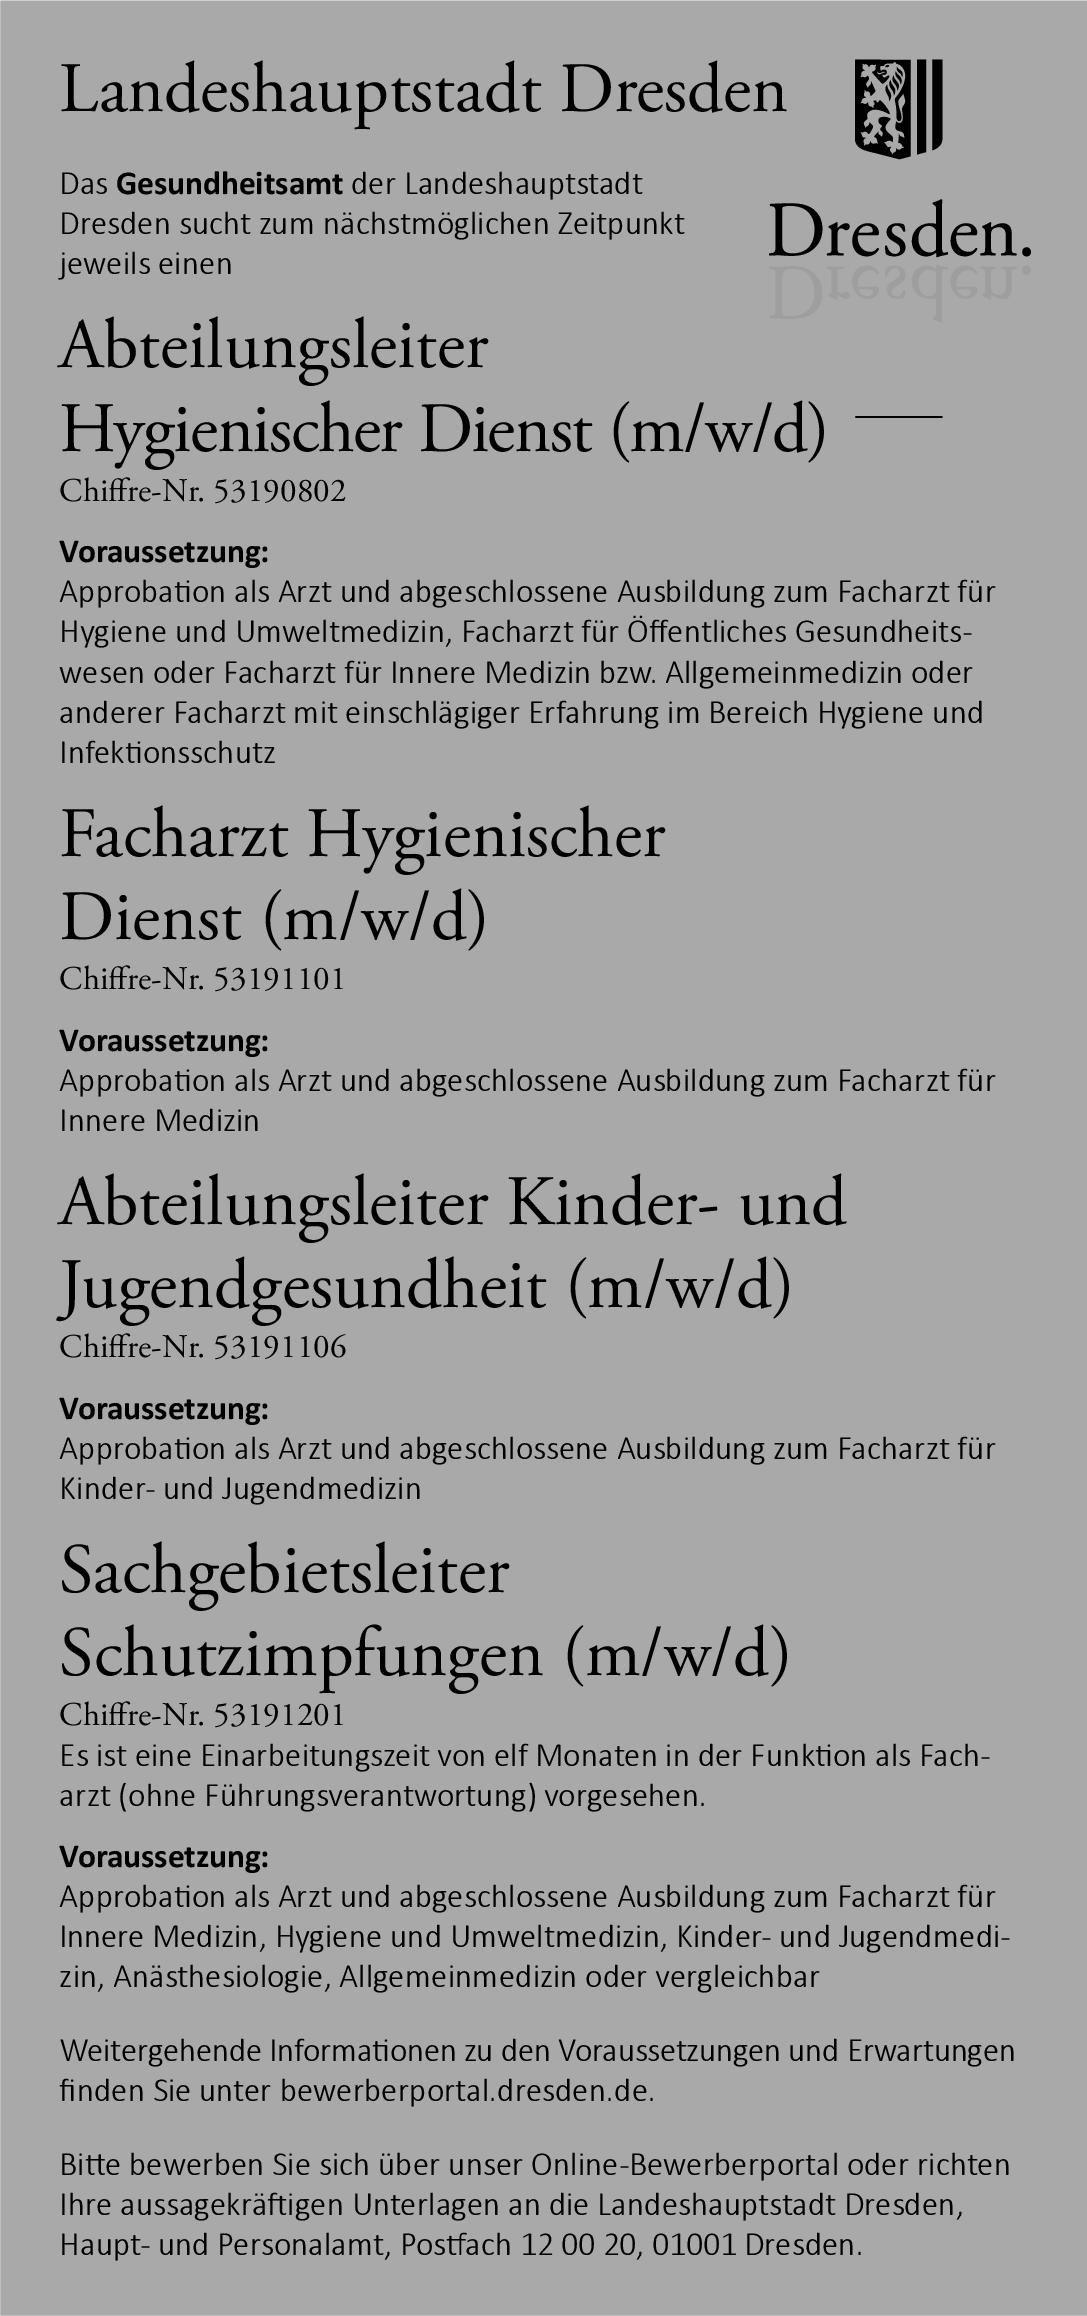 Gesundheitsamt der Landeshauptstadt Dresden Abteilungsleiter Kinder- und Jugendgesundheit (m/w/d)  Kinder- und Jugendmedizin, Kinder- und Jugendmedizin Arzt / Facharzt